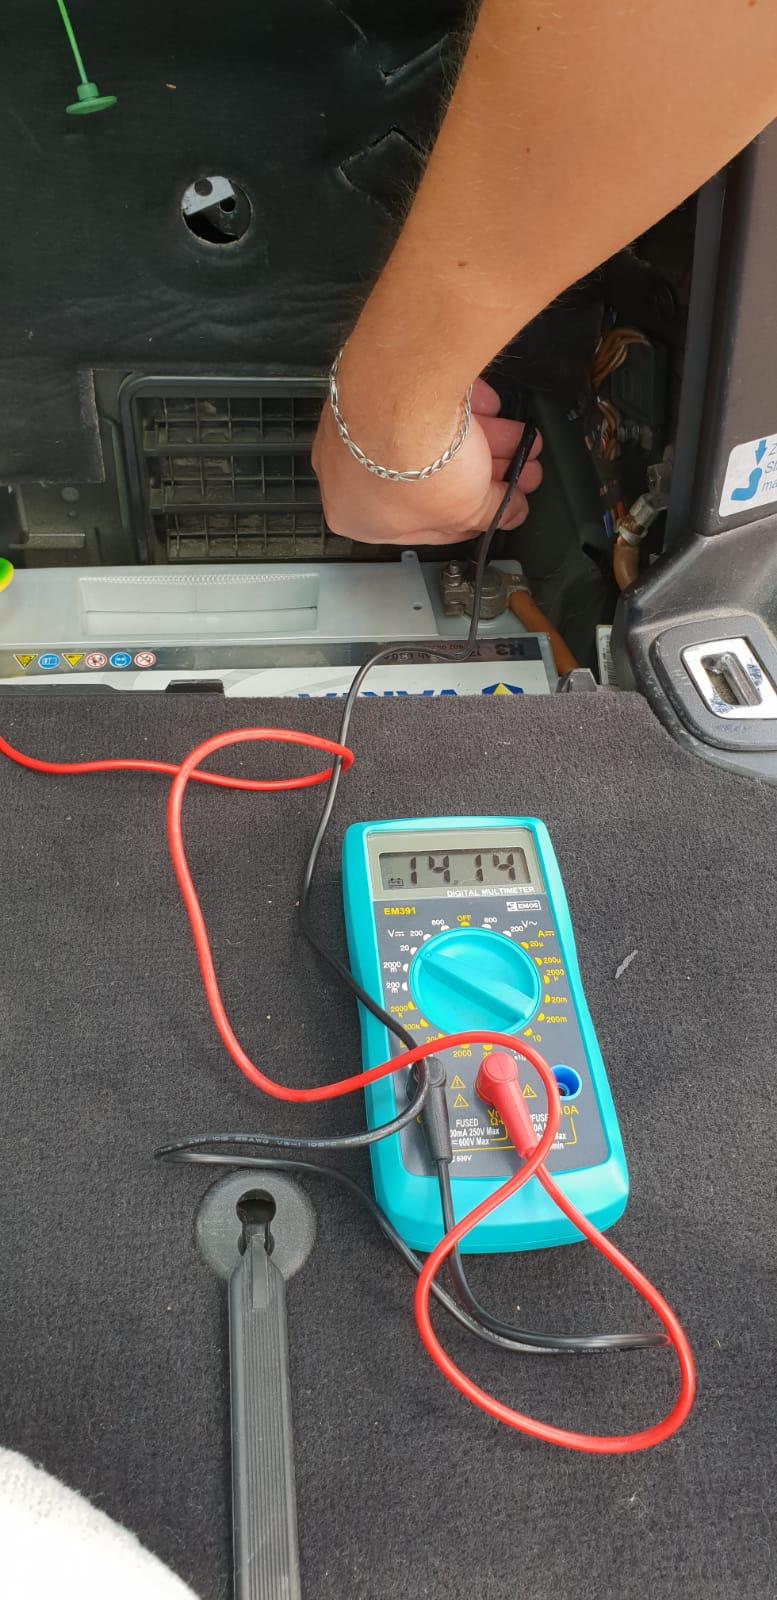 ako môžem pripojiť moje auto amp v mojom dome rozdiely medzi datovania a visí von